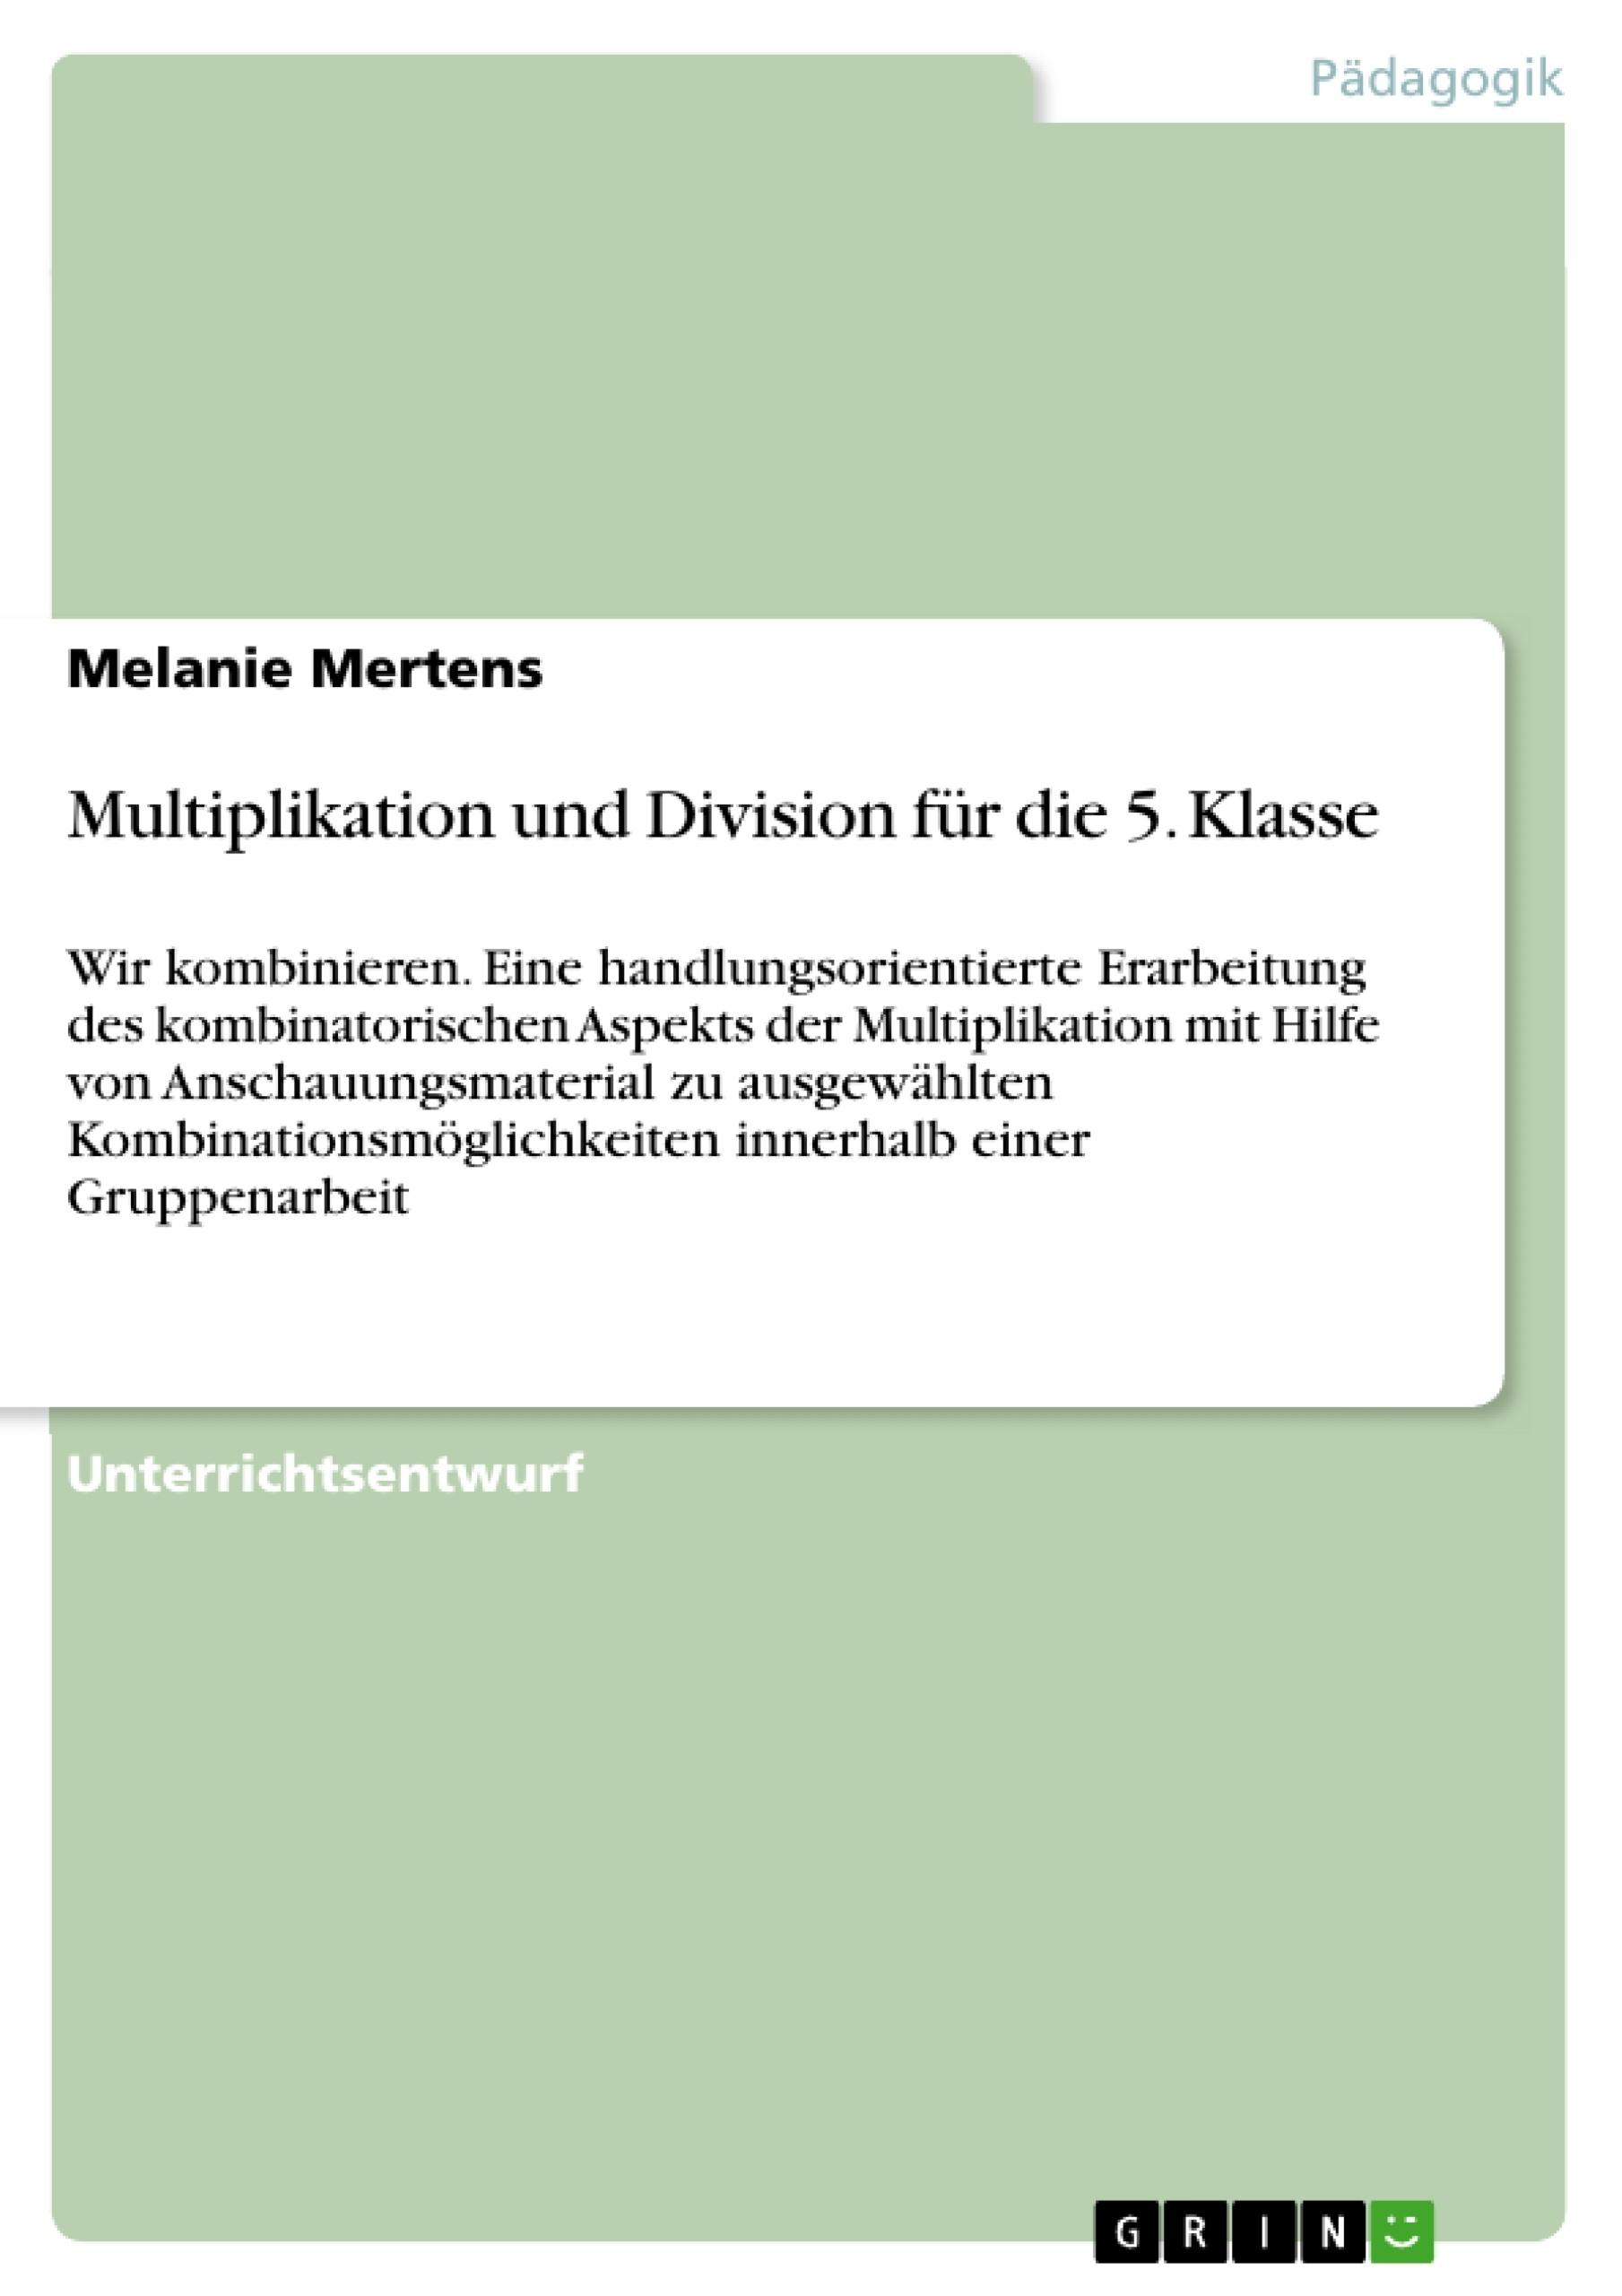 Multiplikation und Division für die 5. Klasse | Masterarbeit ...